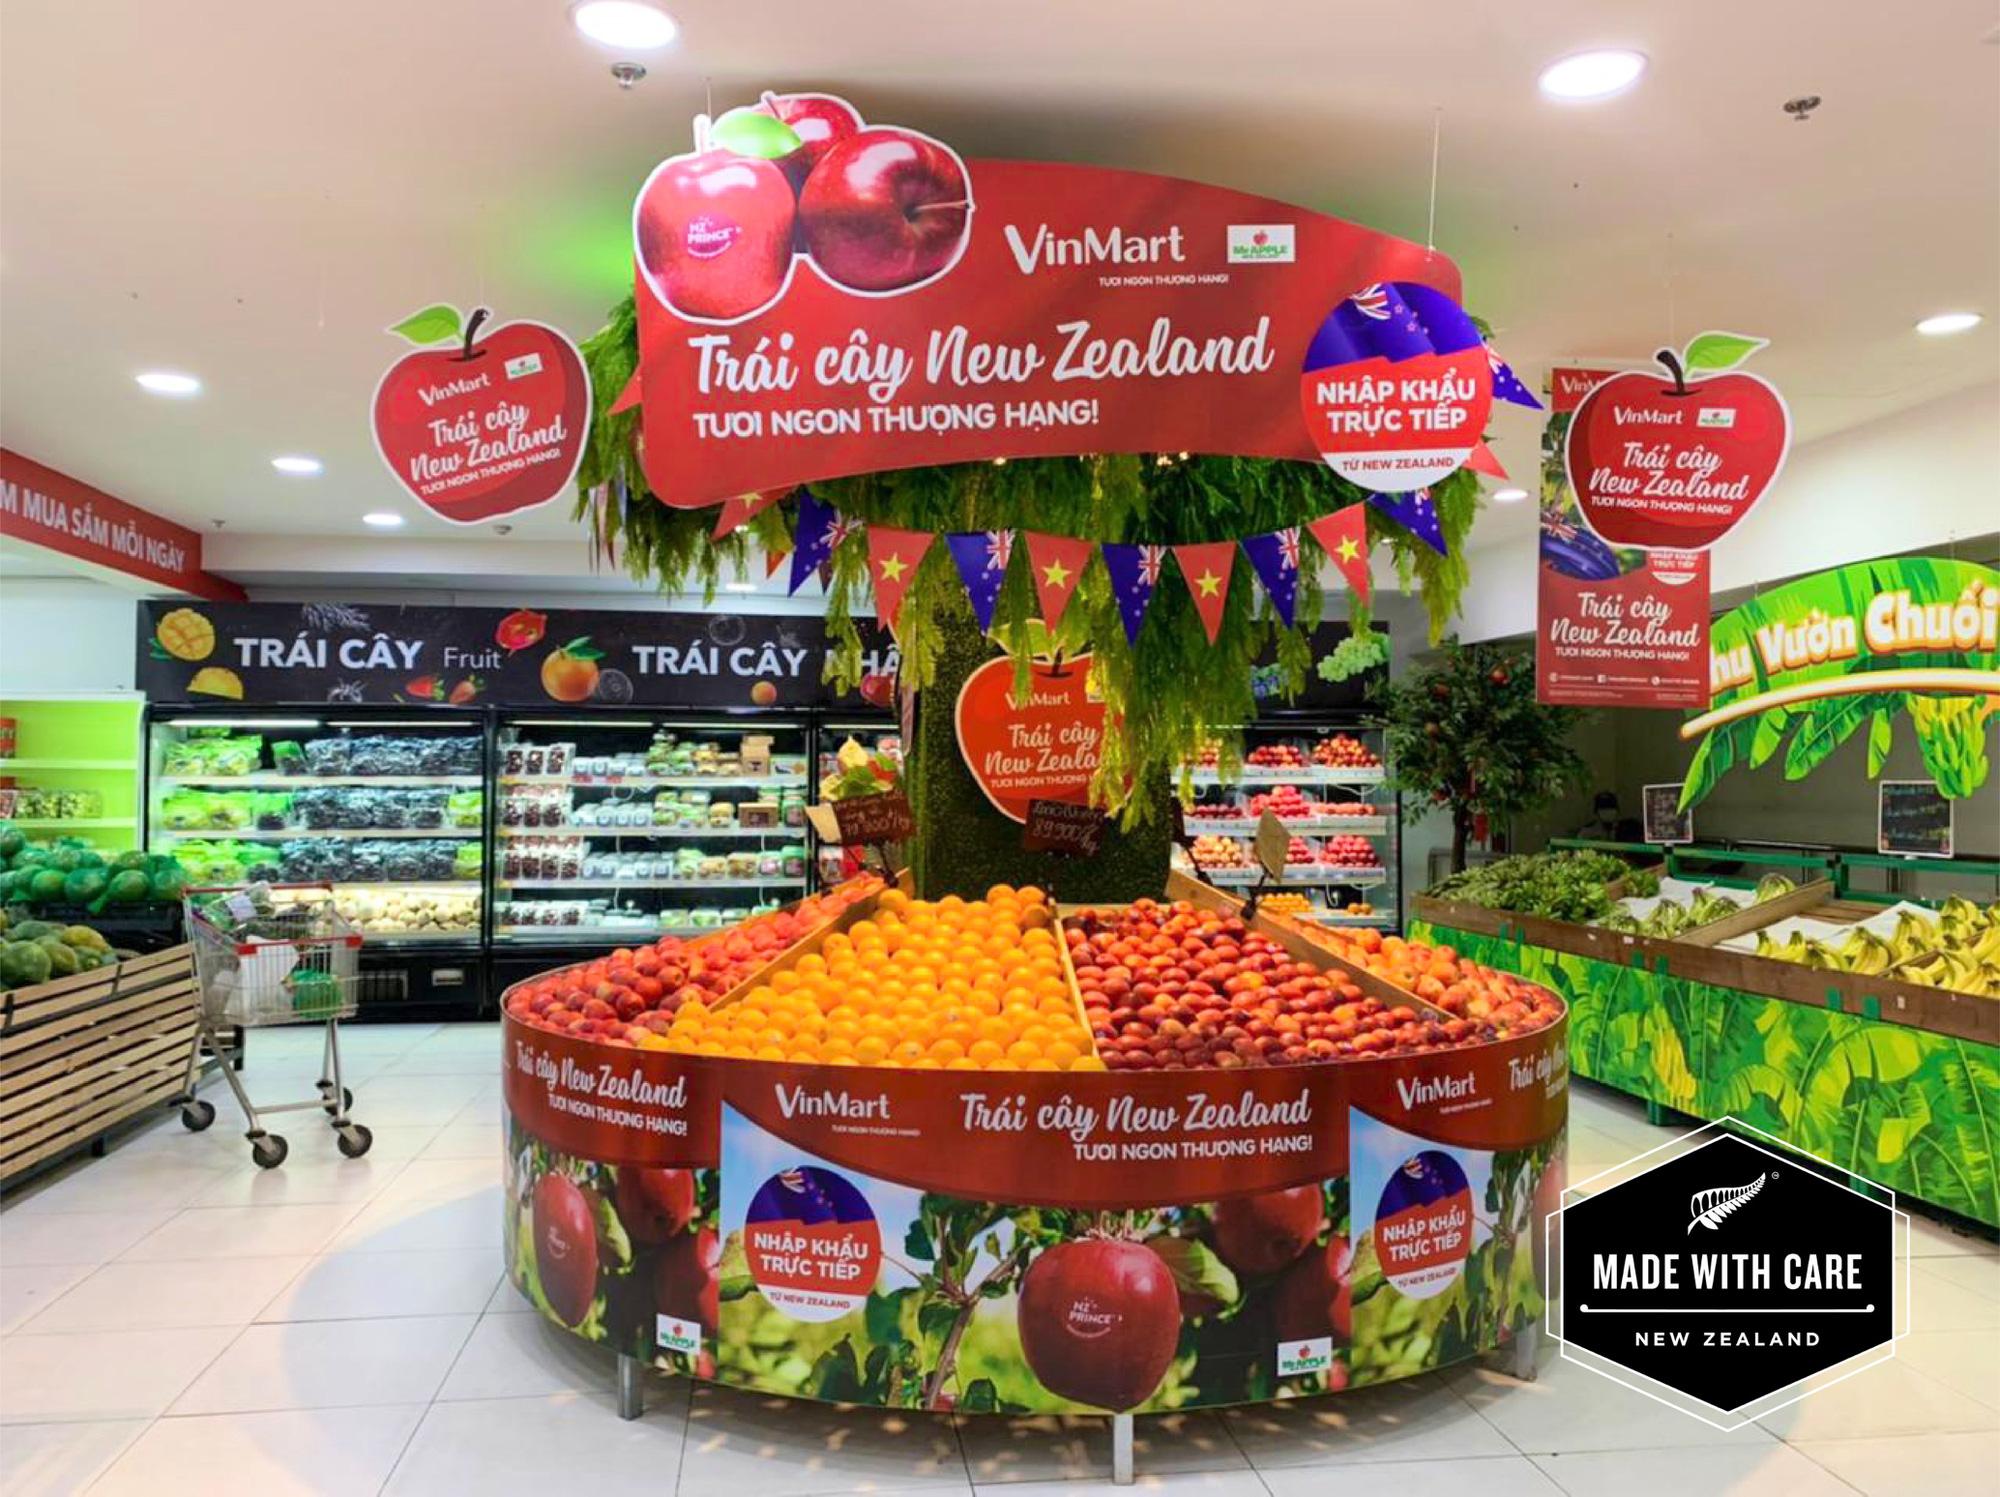 Trái cây New Zealand thượng hạng có mặt tại Vinmart - Ảnh 1.